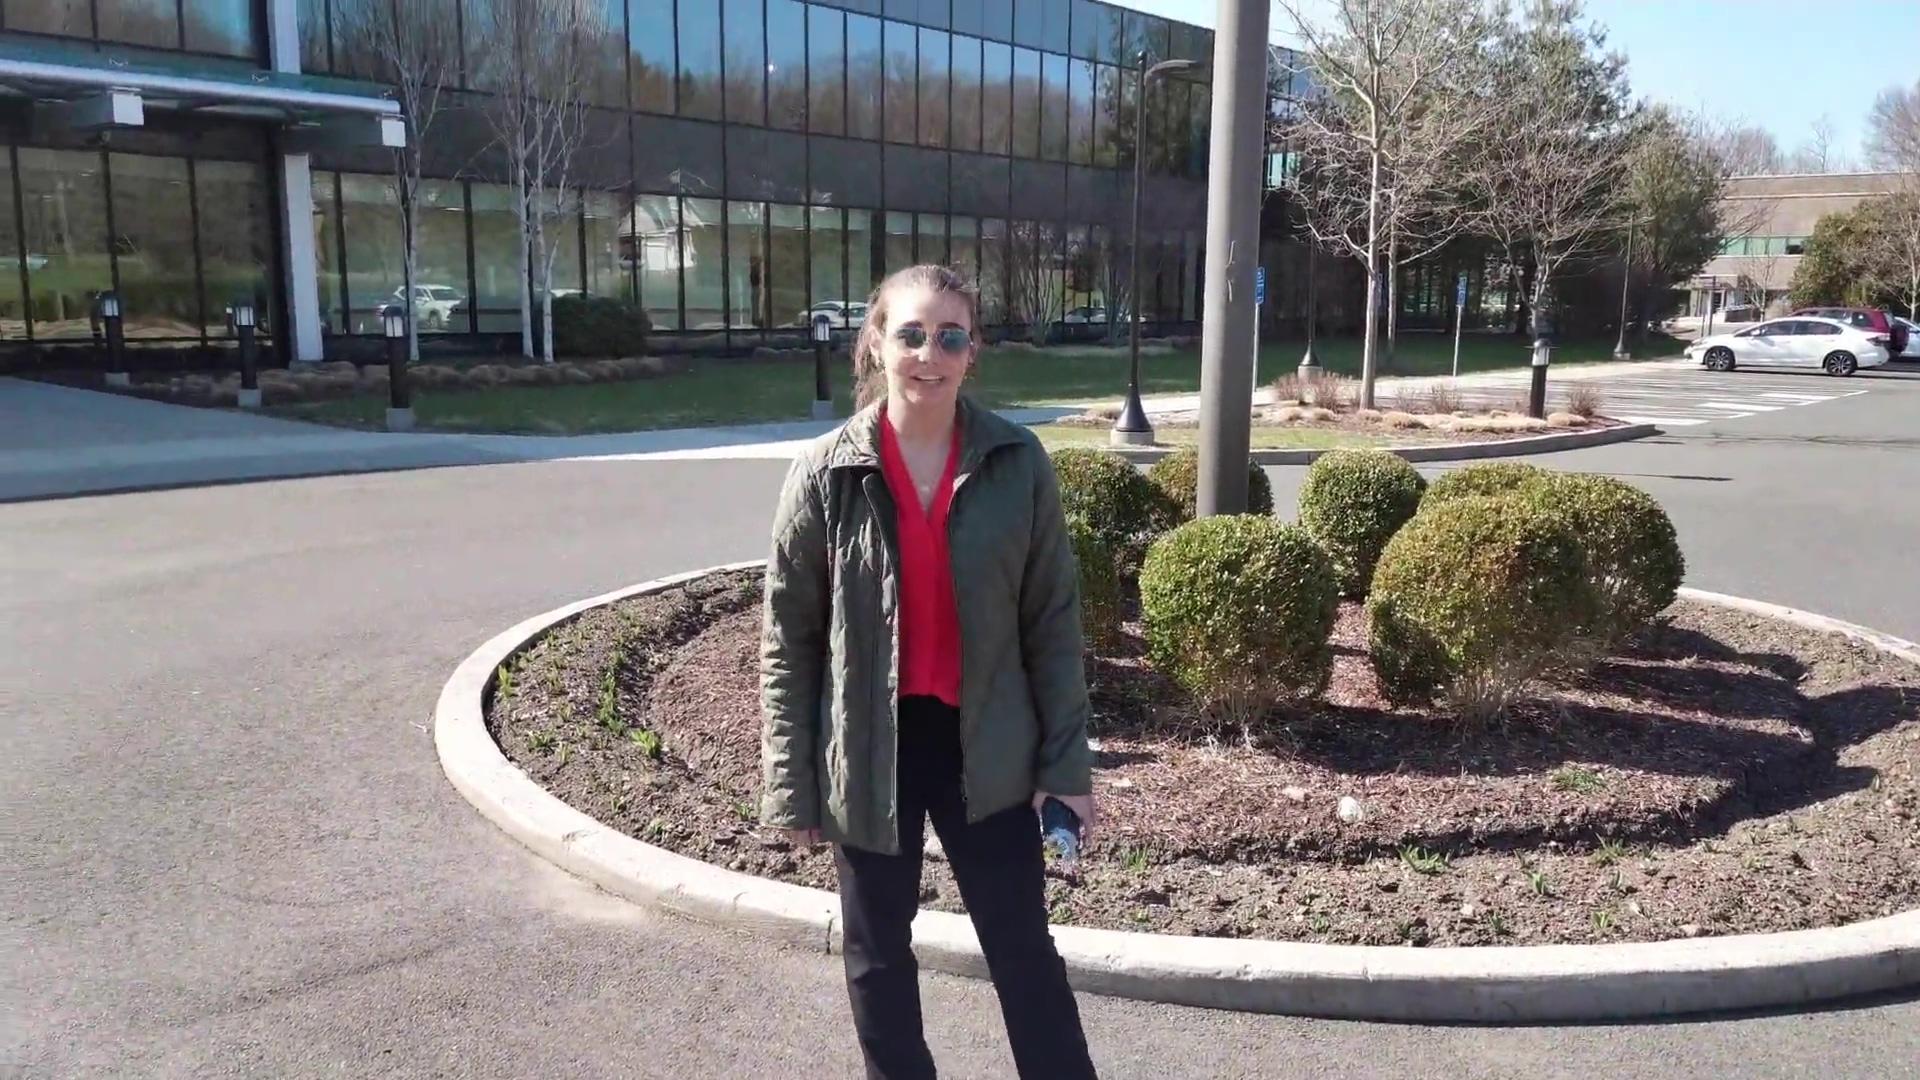 stamford office visit 041219 v1